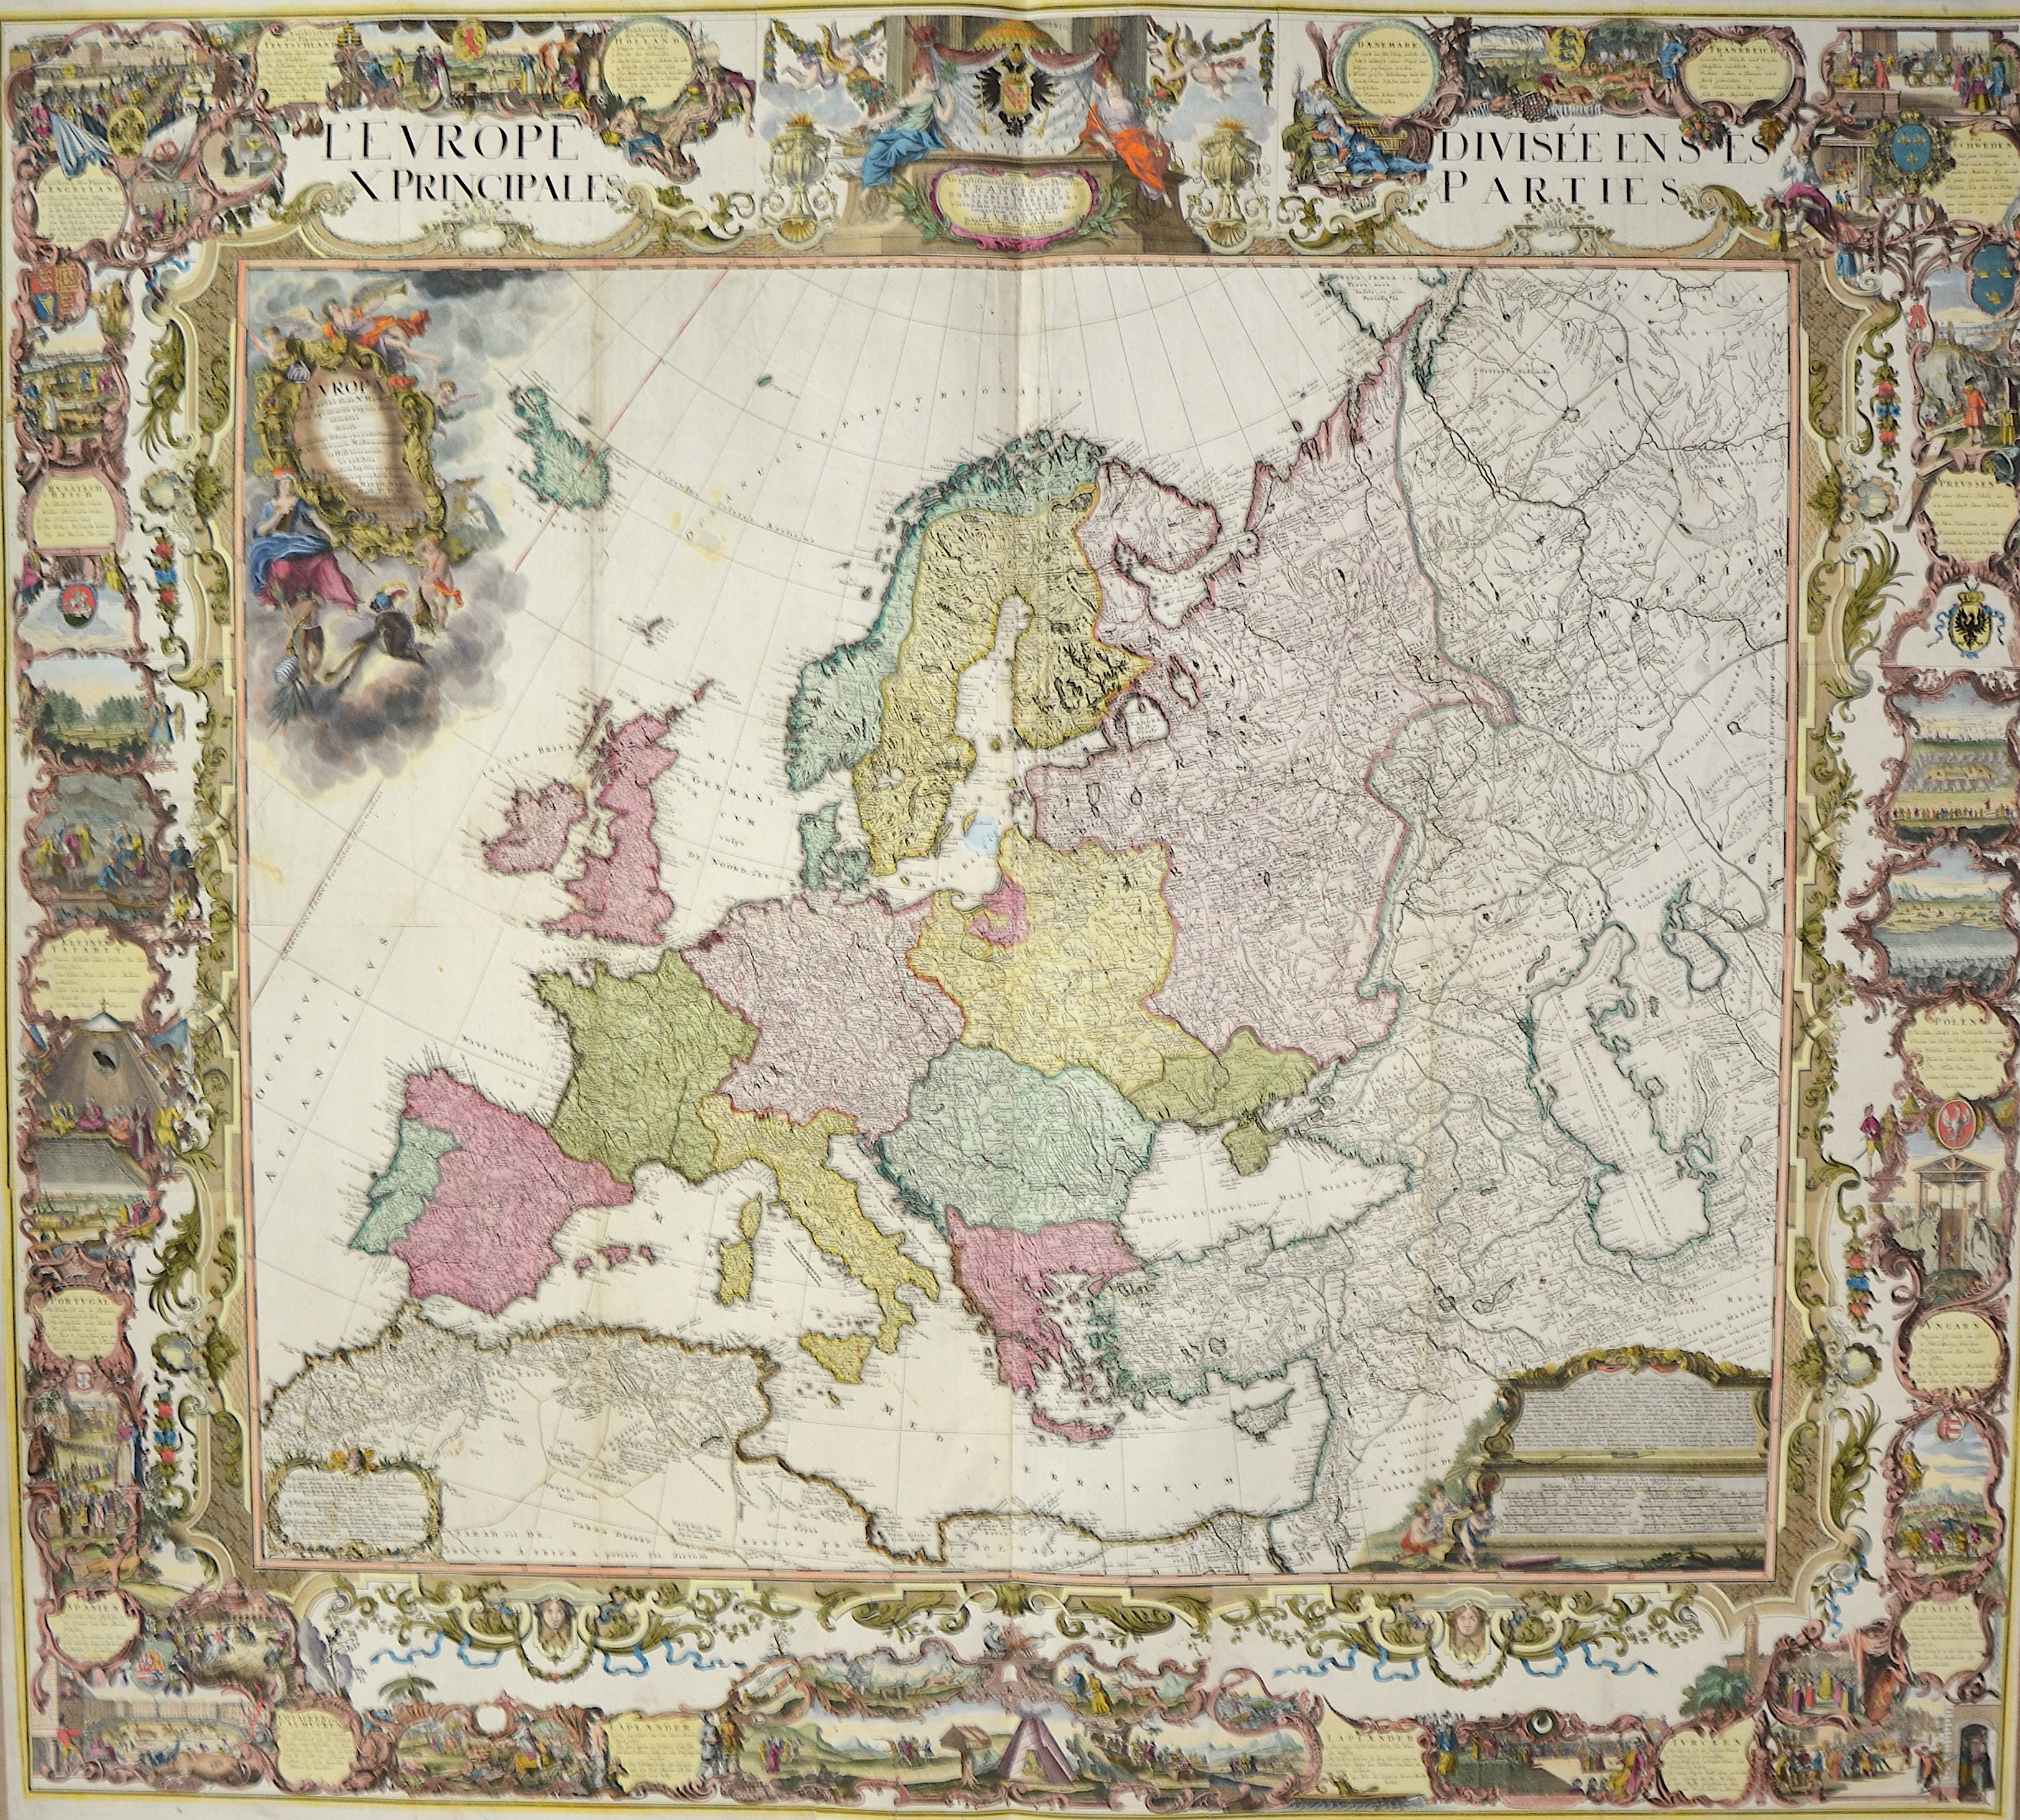 Homann Erben  Europa in pertes suas X methodicas a primariis regnis denominatas divisa…et exhibita projectionis Stereographicae leges.